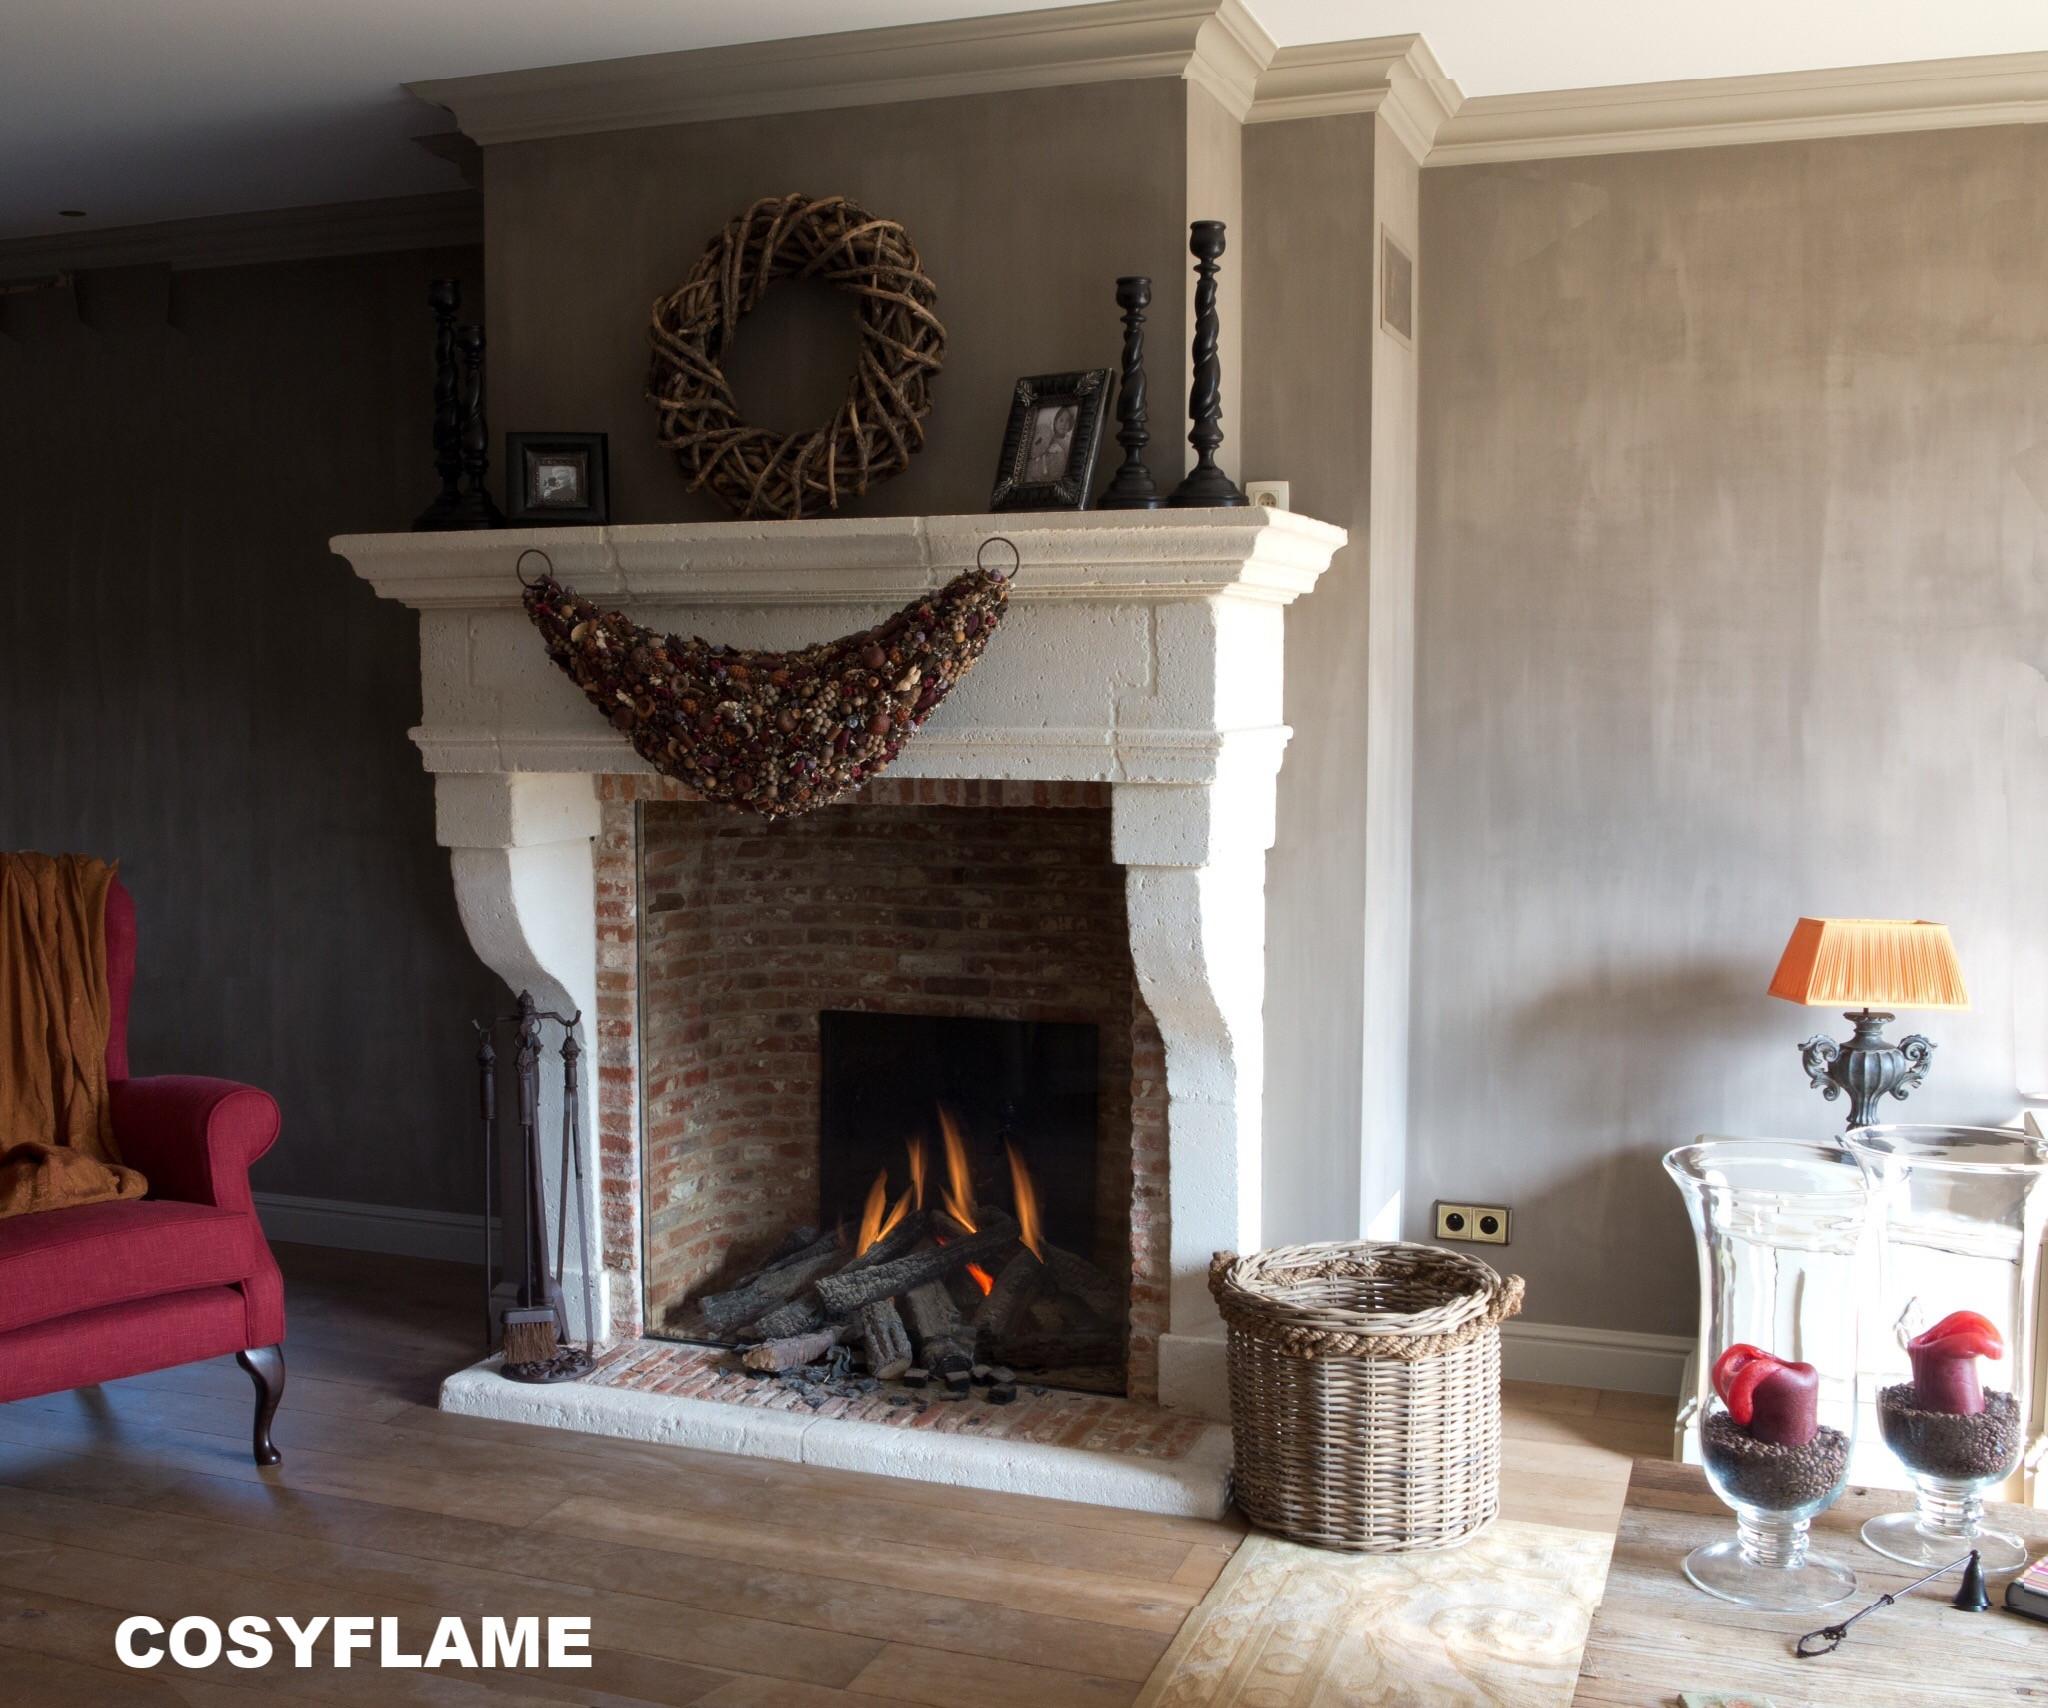 Cosyflame-kasteelschouw-3568